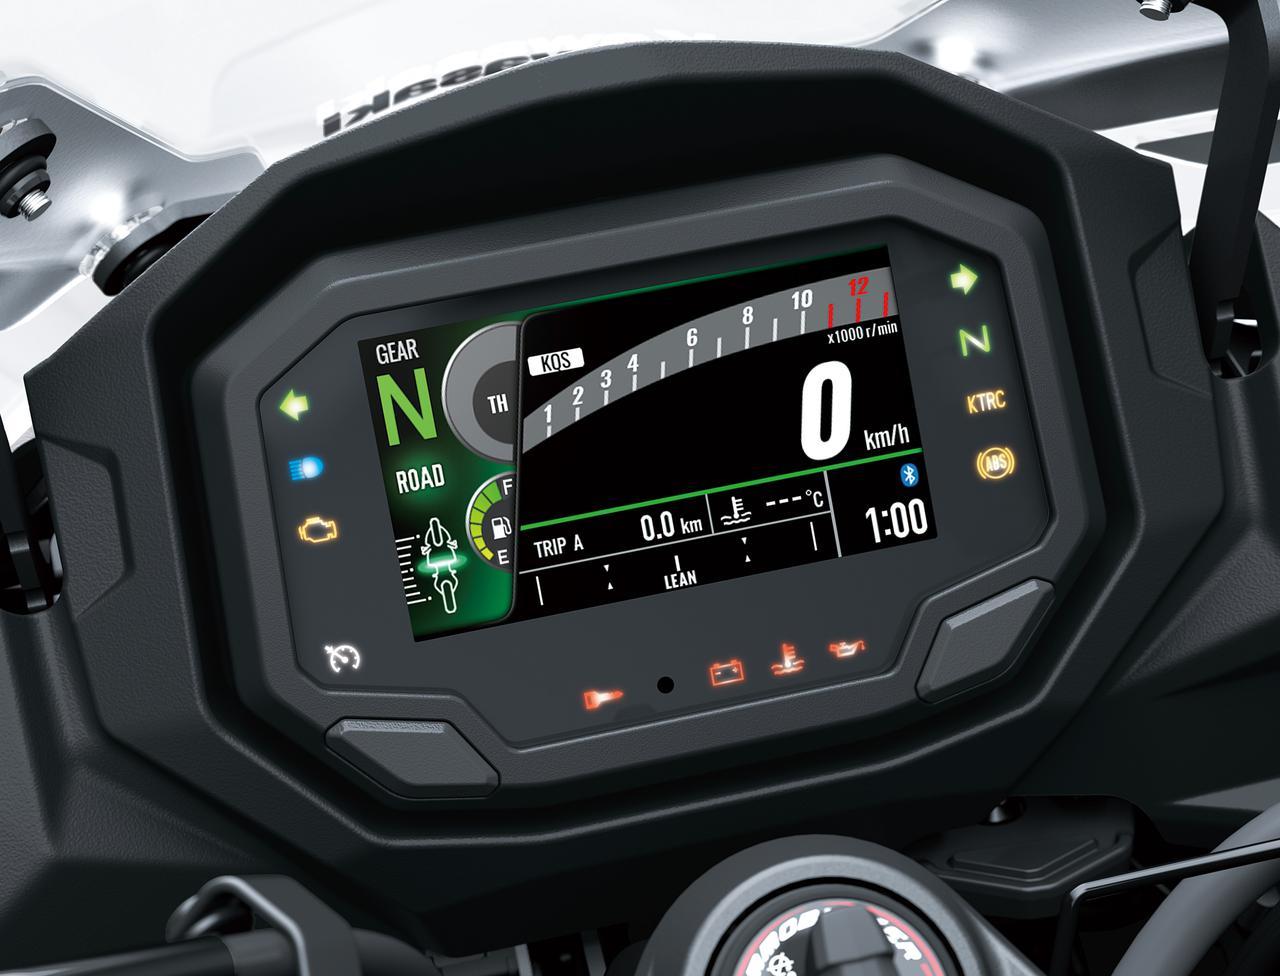 Images : 18番目の画像 - Ninja 1000SX(2020)の写真をまとめて見る - webオートバイ